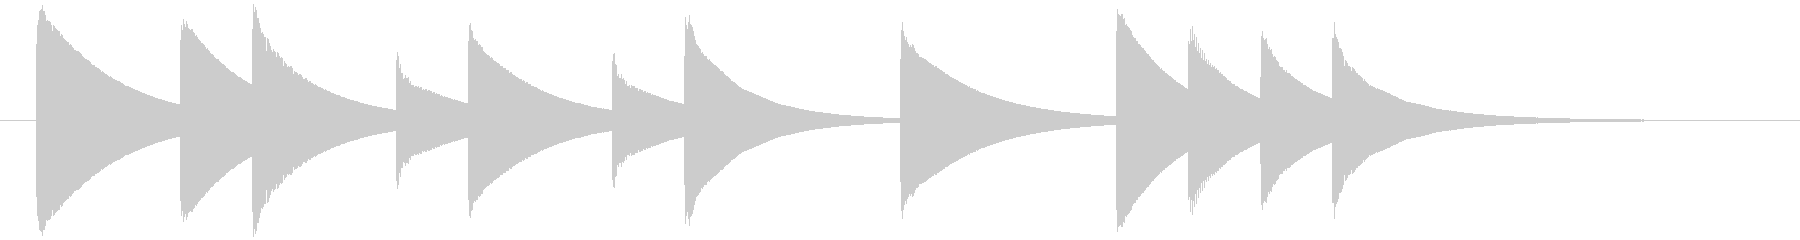 ゆったりした優しいオルゴールのジングルの未再生の波形